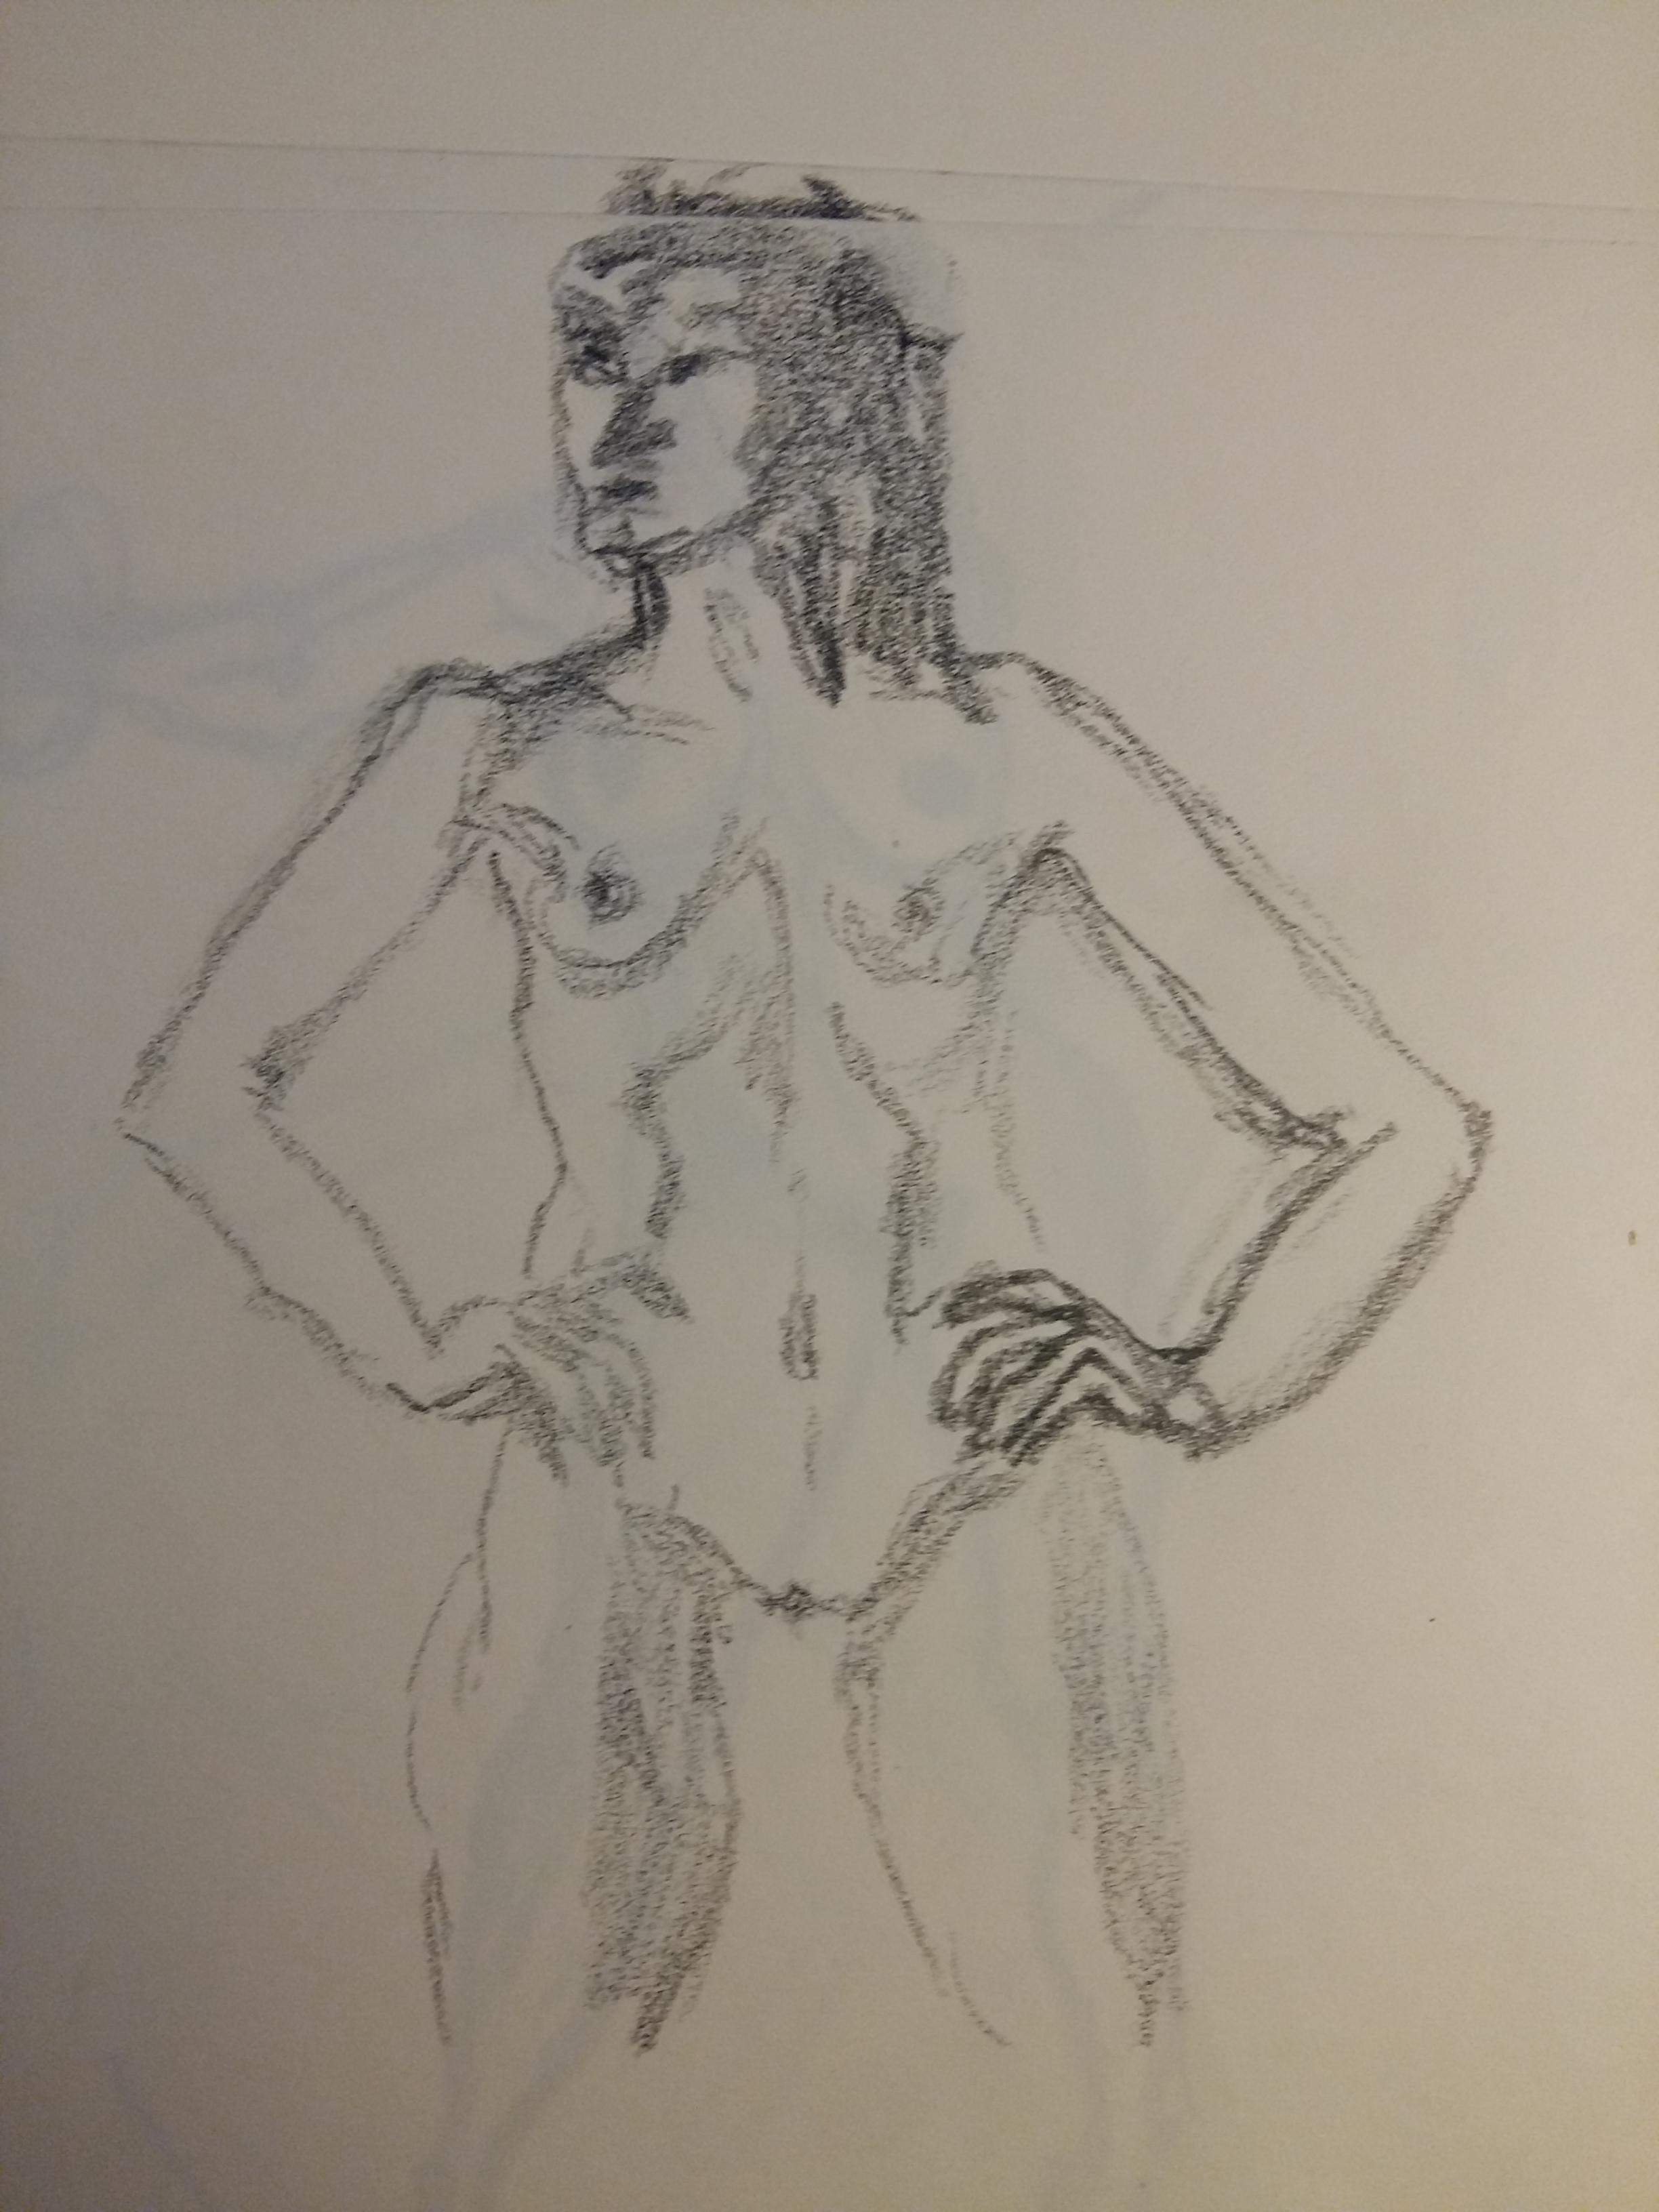 Esquisse crayon papier femme face sur papier  cours de dessin